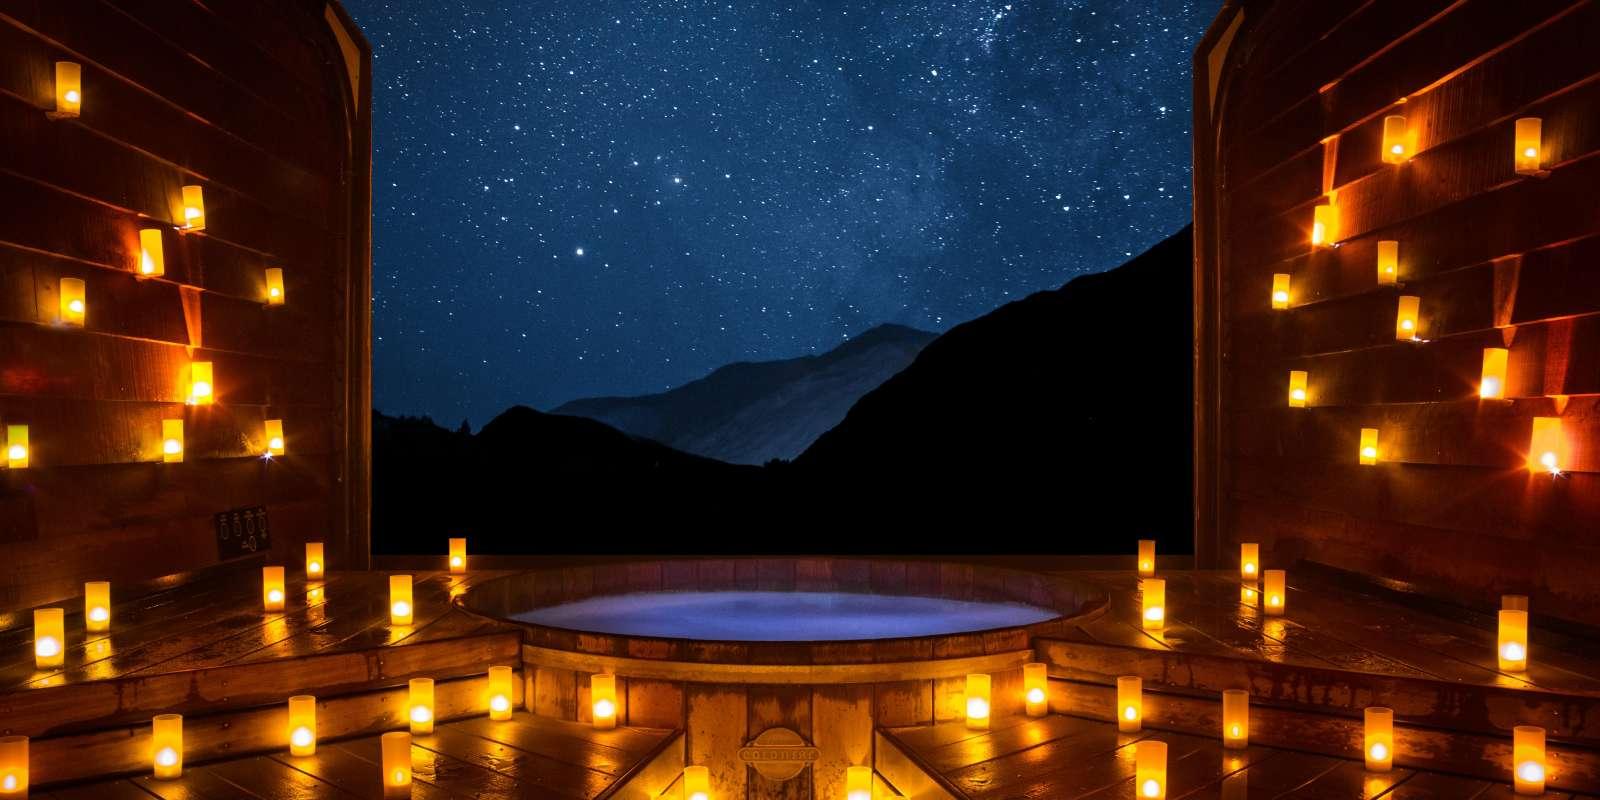 Onsen Hot Pools at night